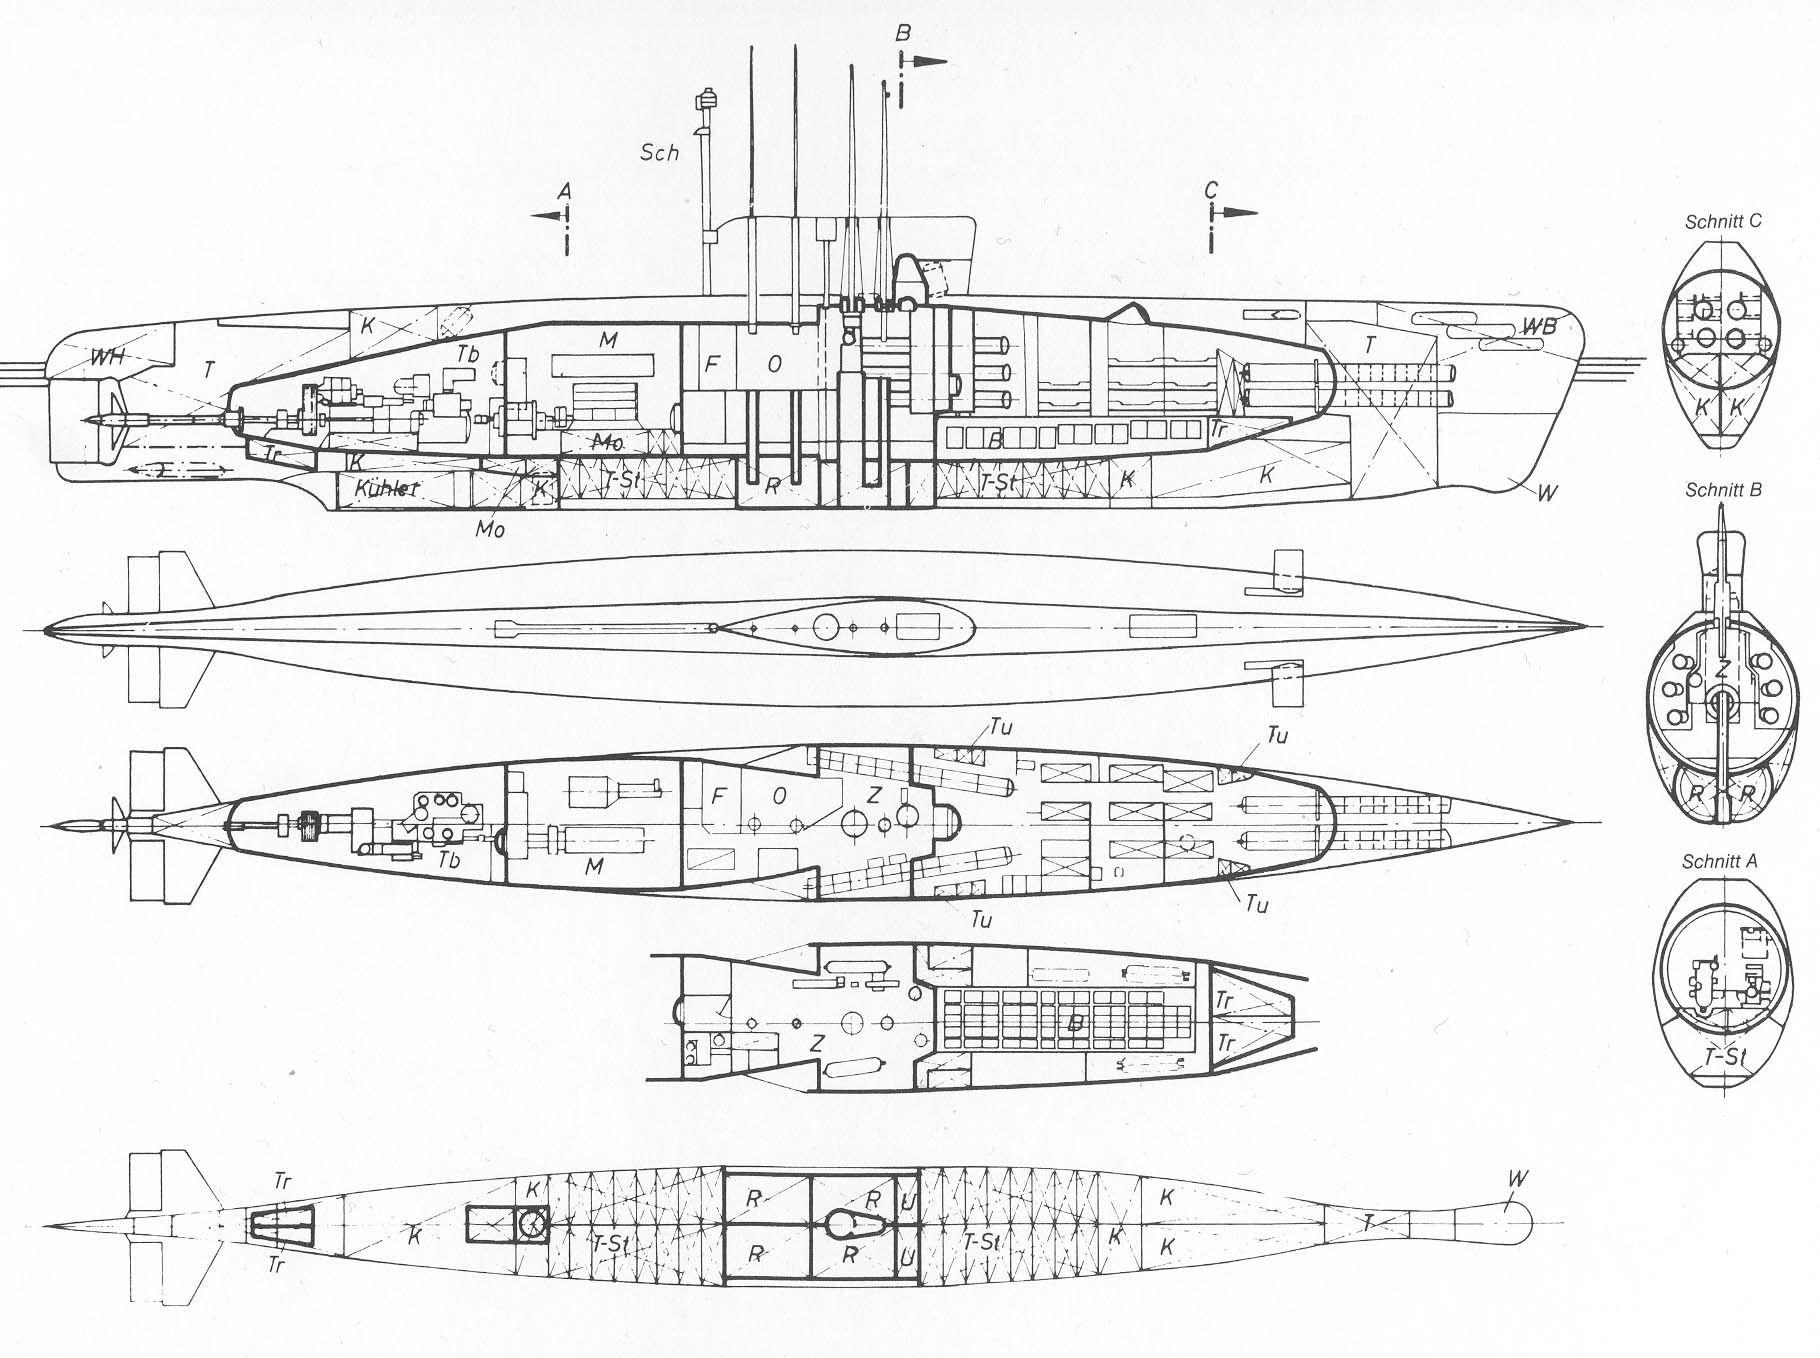 Russian Quebec Class Submarine Ww1 Era